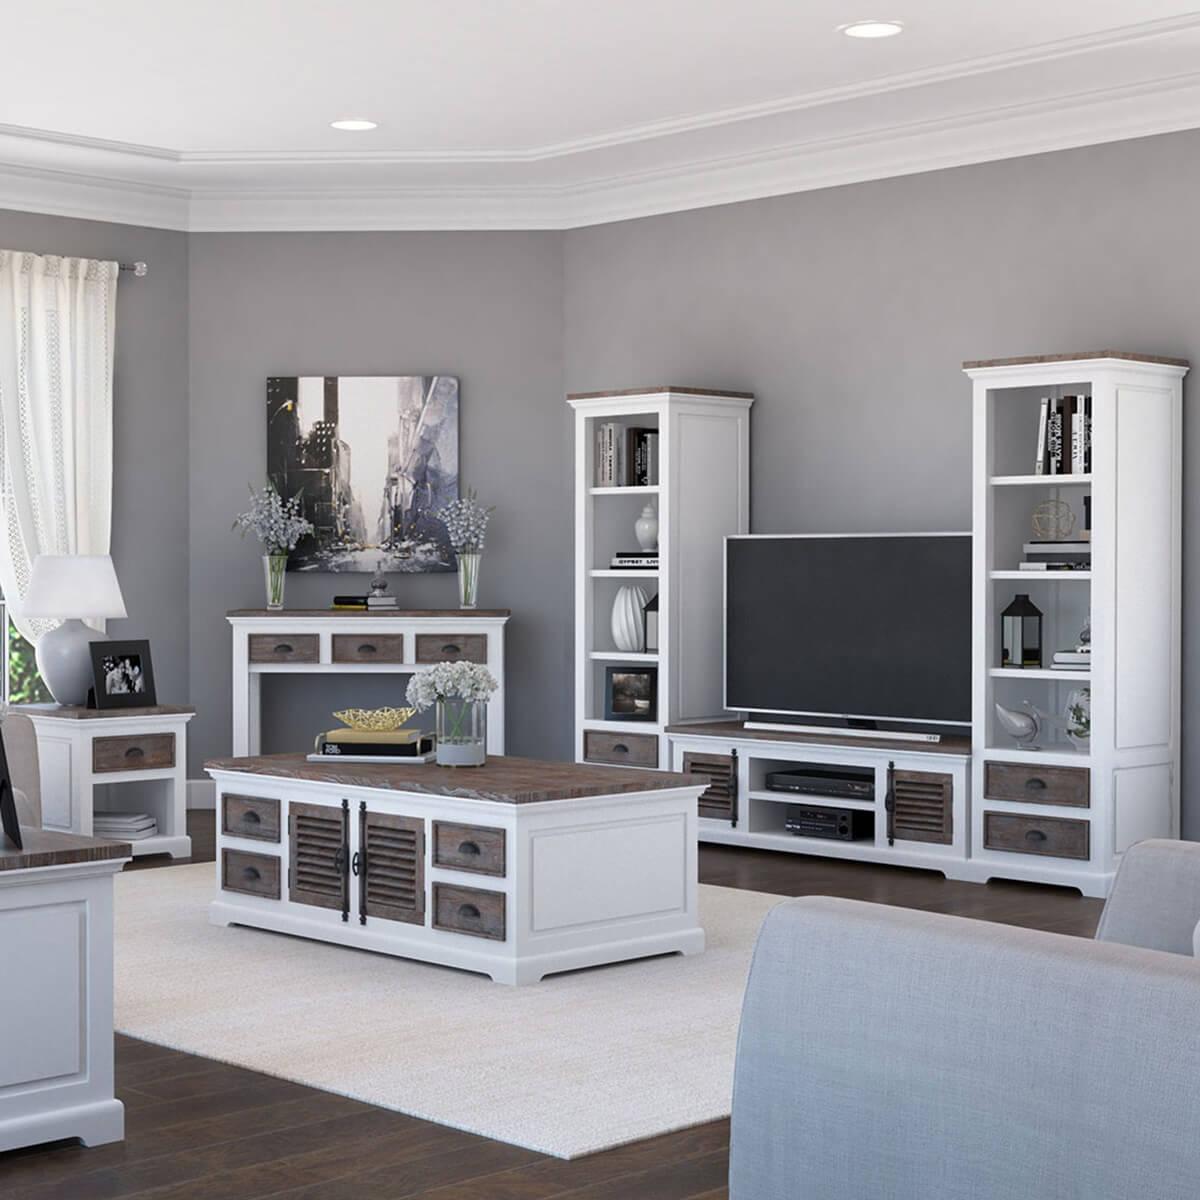 Danville Modern Teak and Solid Wood 7 Piece Living Room Set